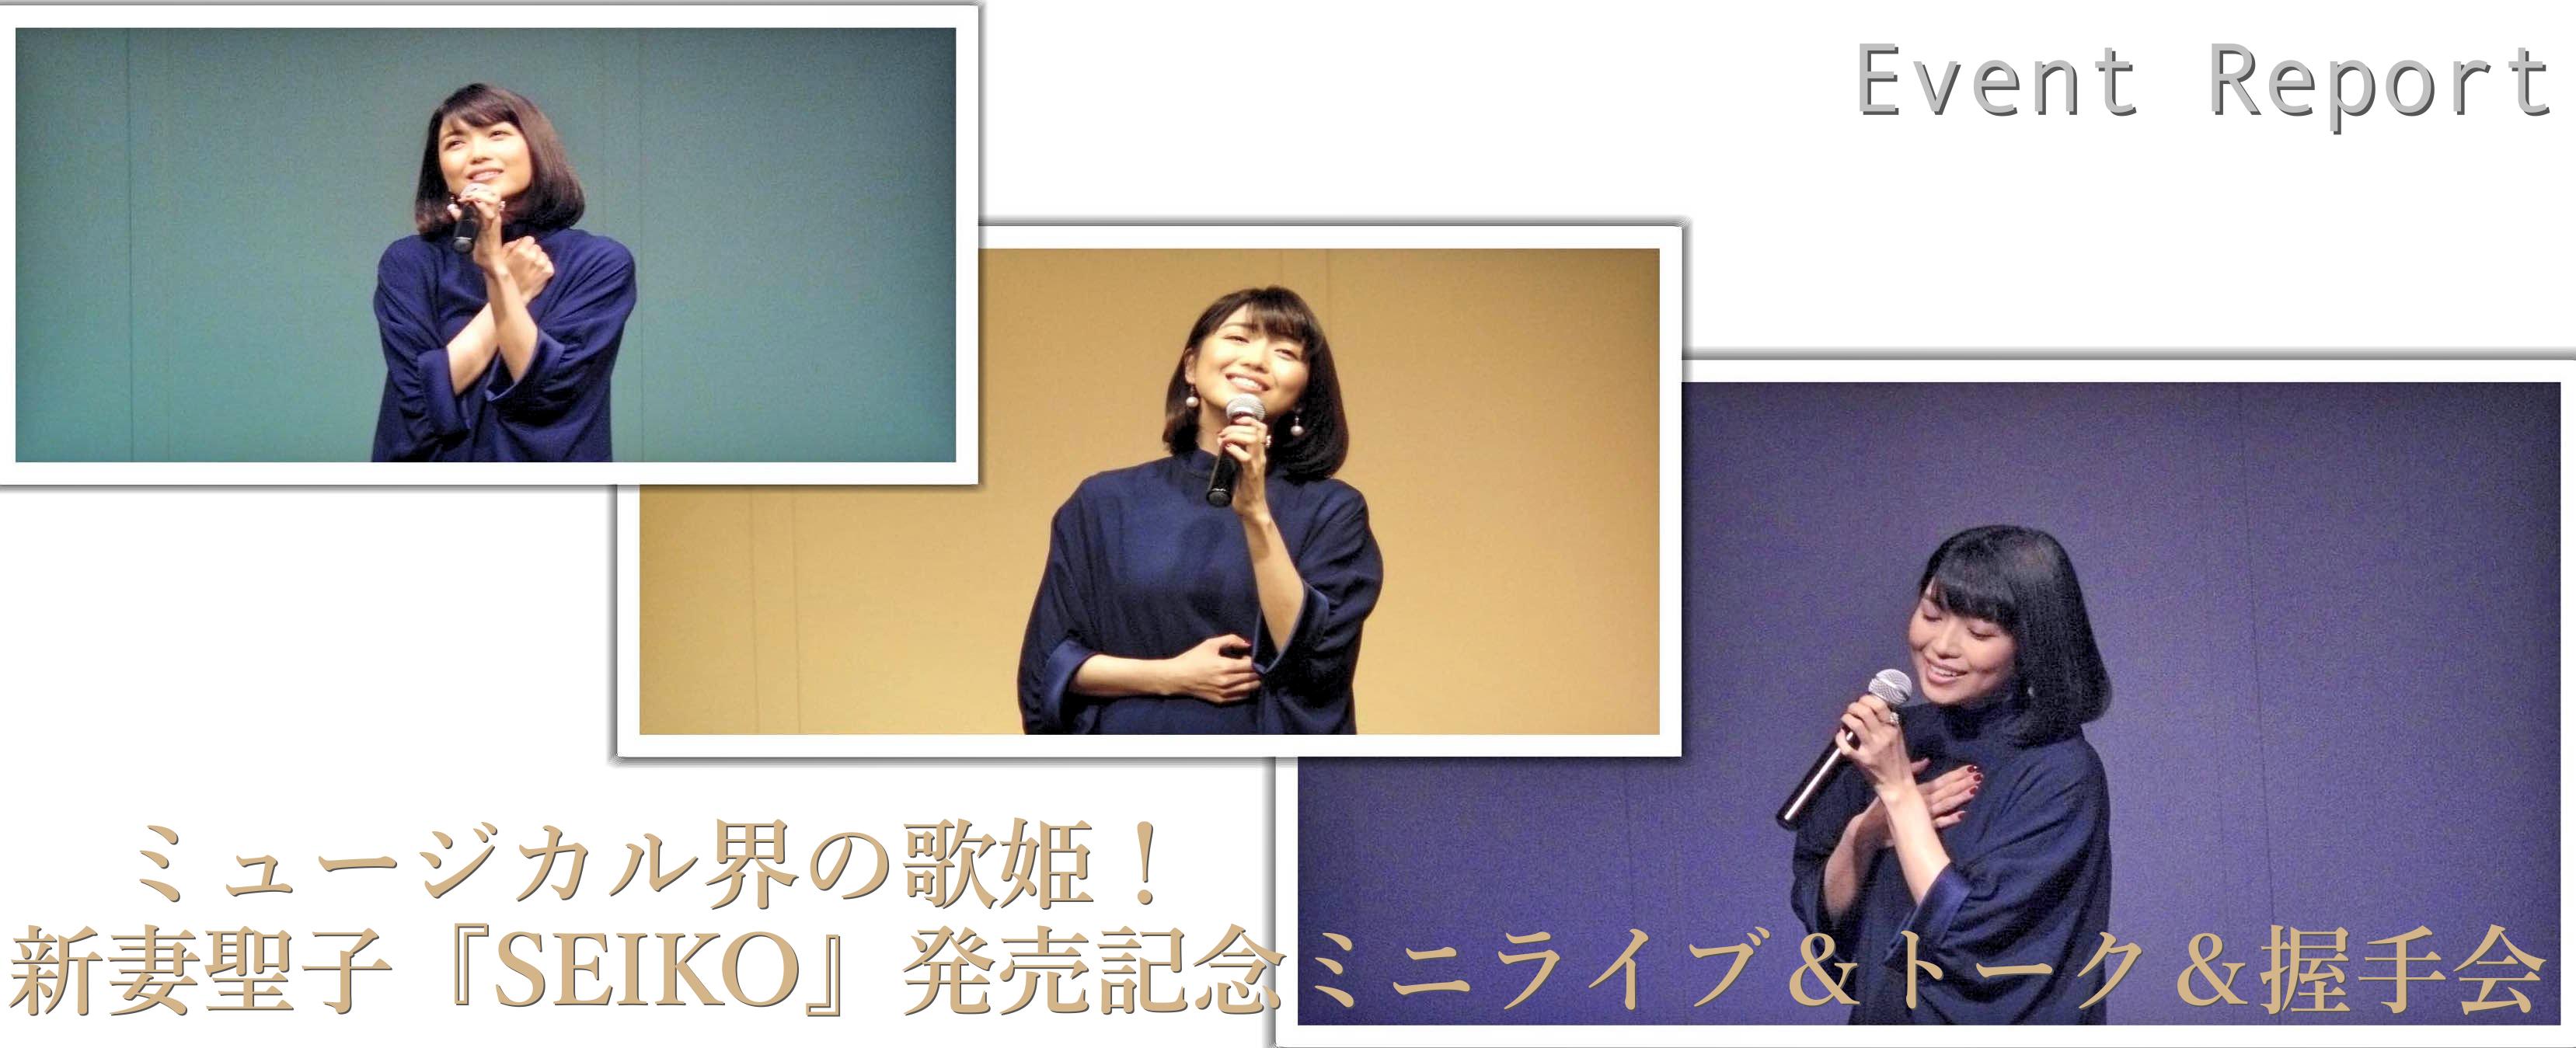 ミュージカル界の歌姫!新妻聖子『SEIKO』発売記念ミニライブ&トーク&握手会。